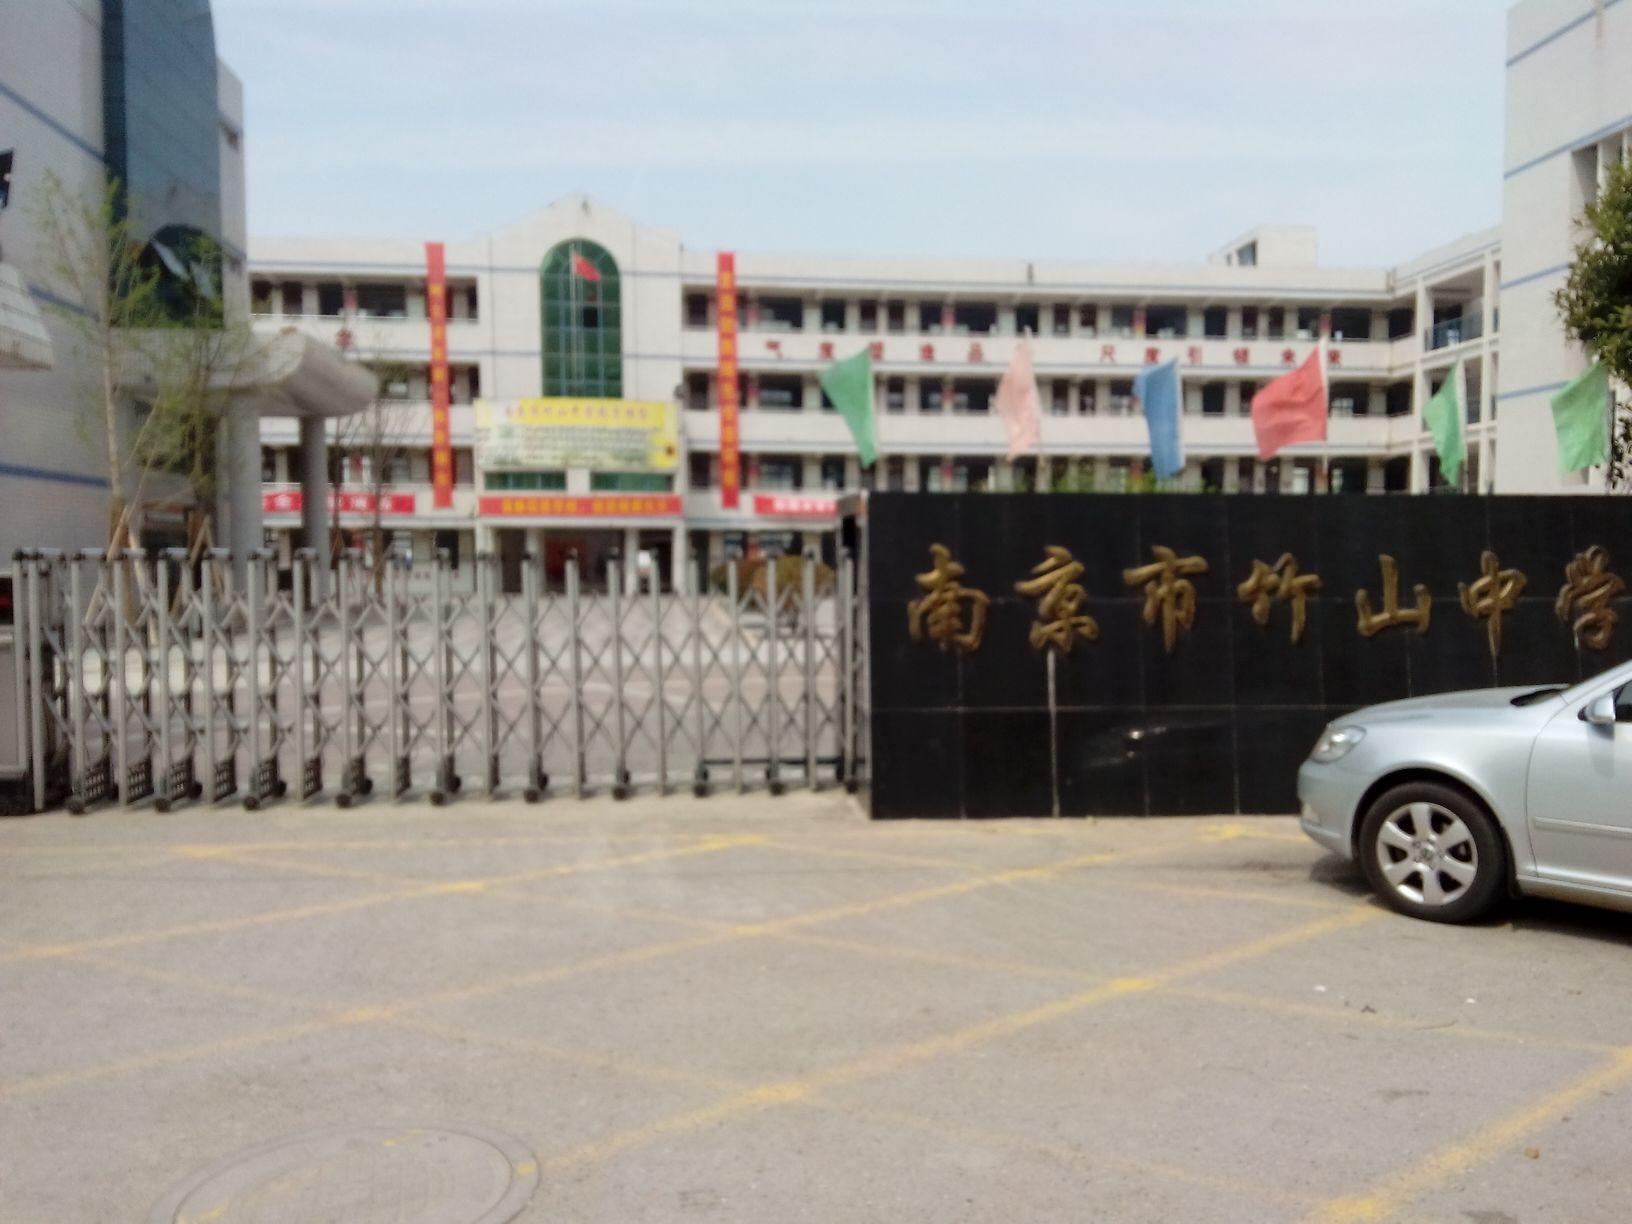 南京市竹山概念中学整式初中图片